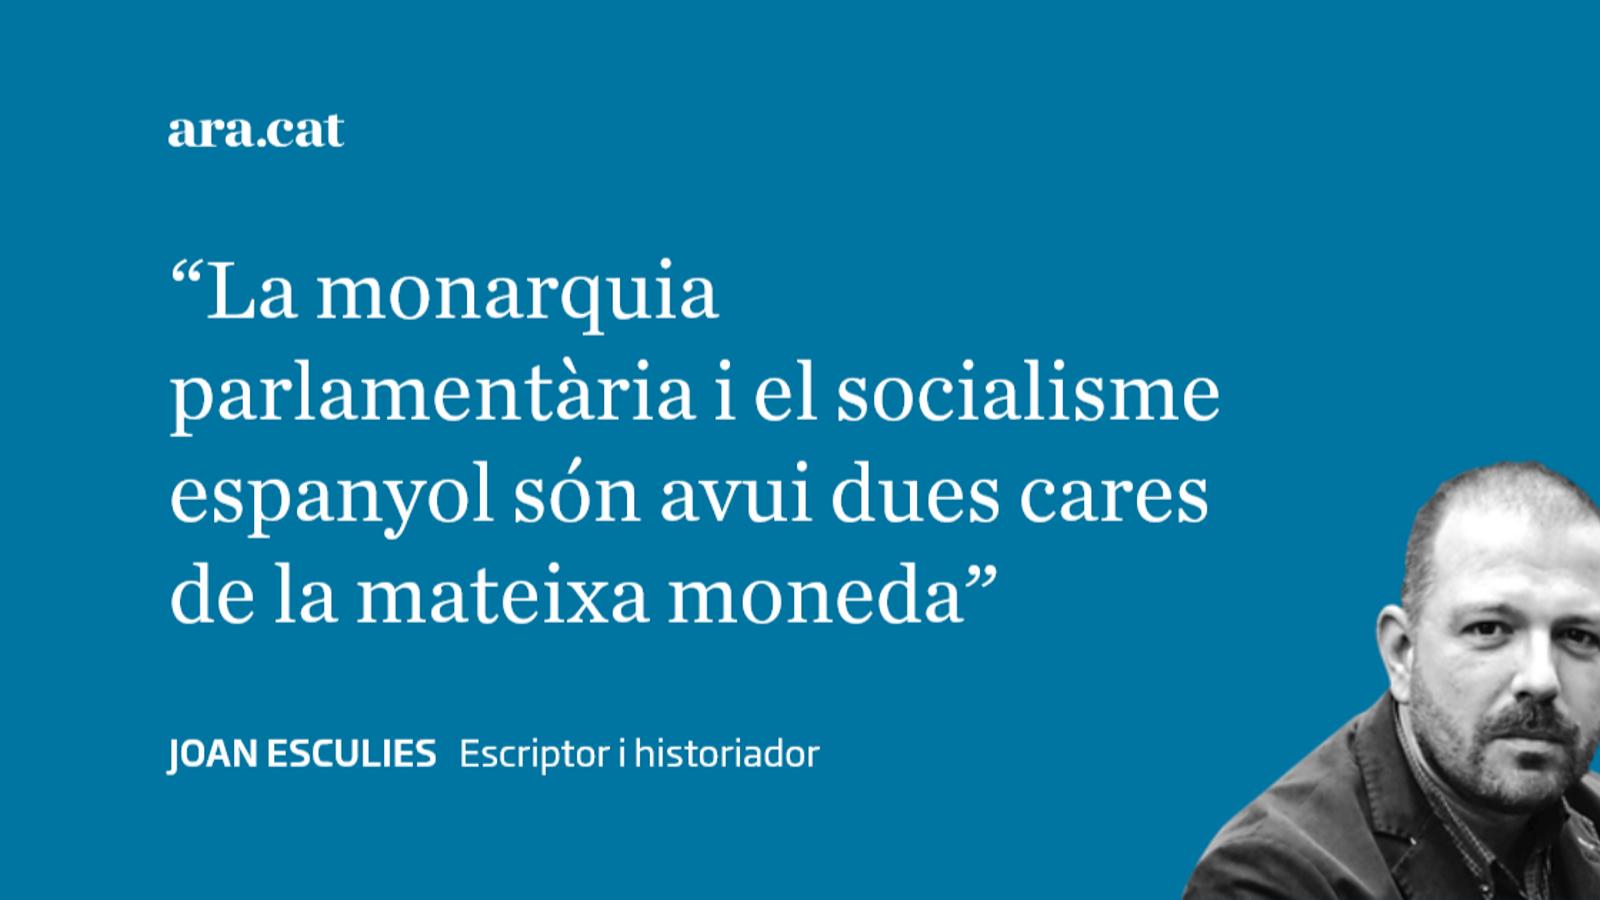 Pedro Sánchez i Felip VI, unitat de destí